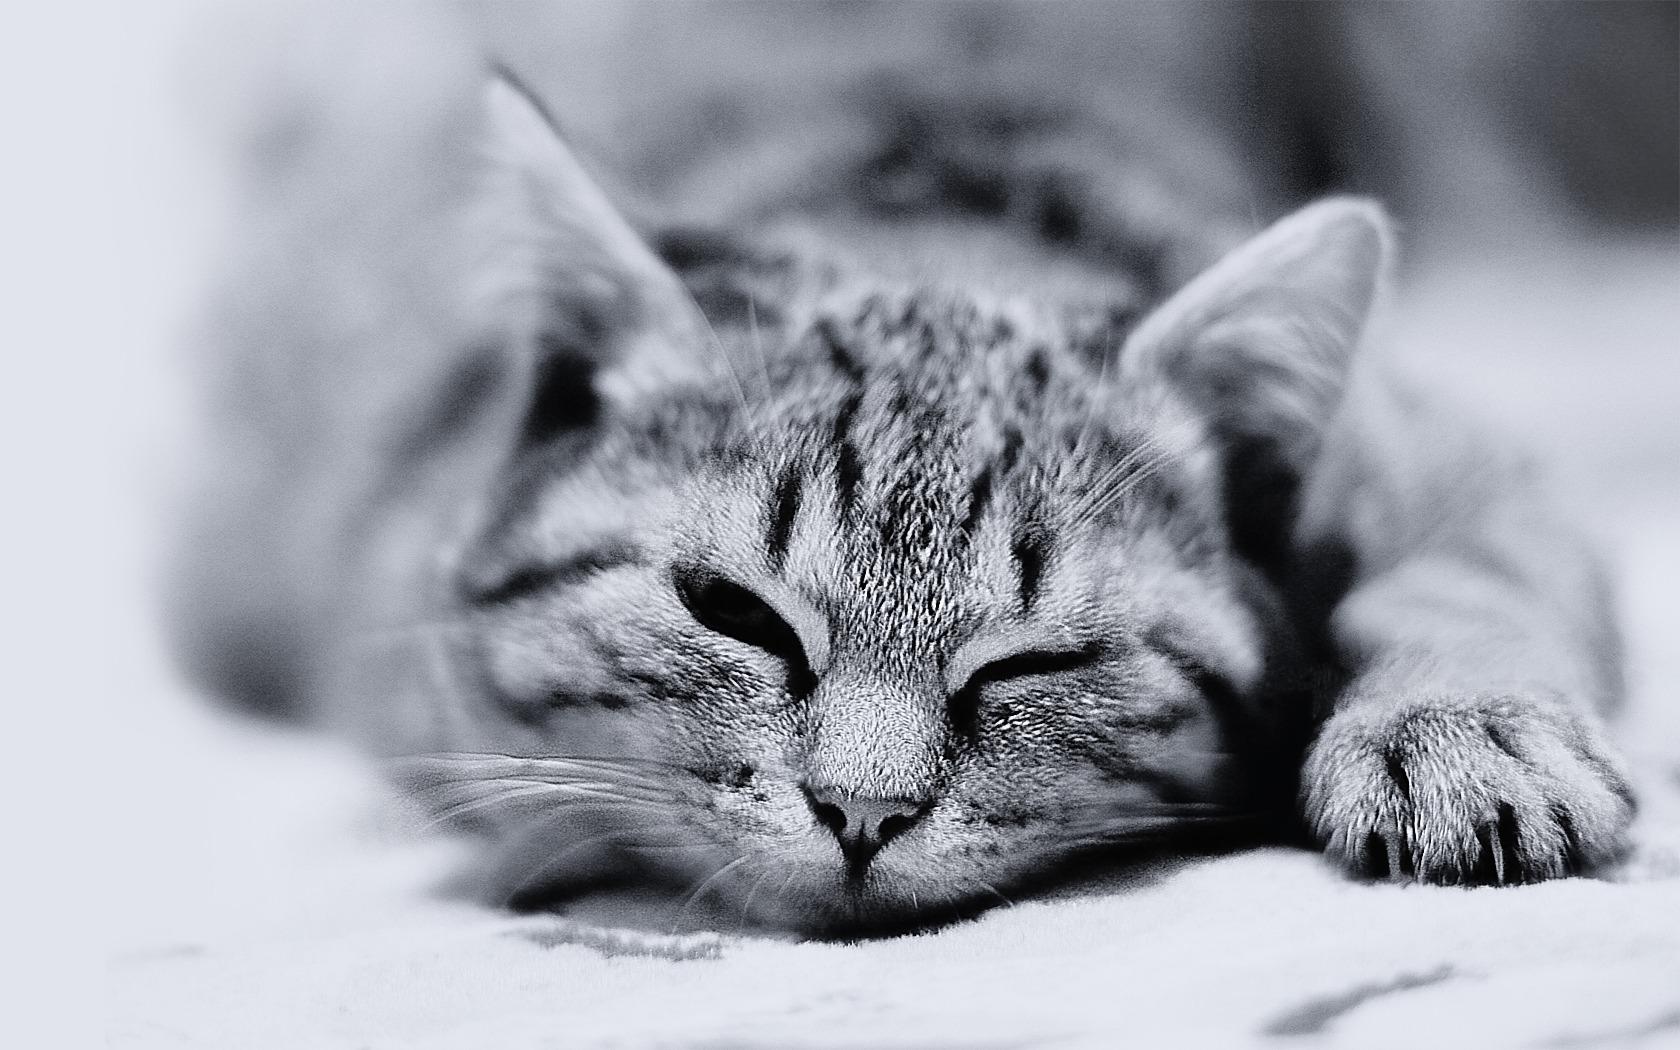 猫黒と白 かわいいキティの猫の生活壁紙プレビュー 10wallpaper Com